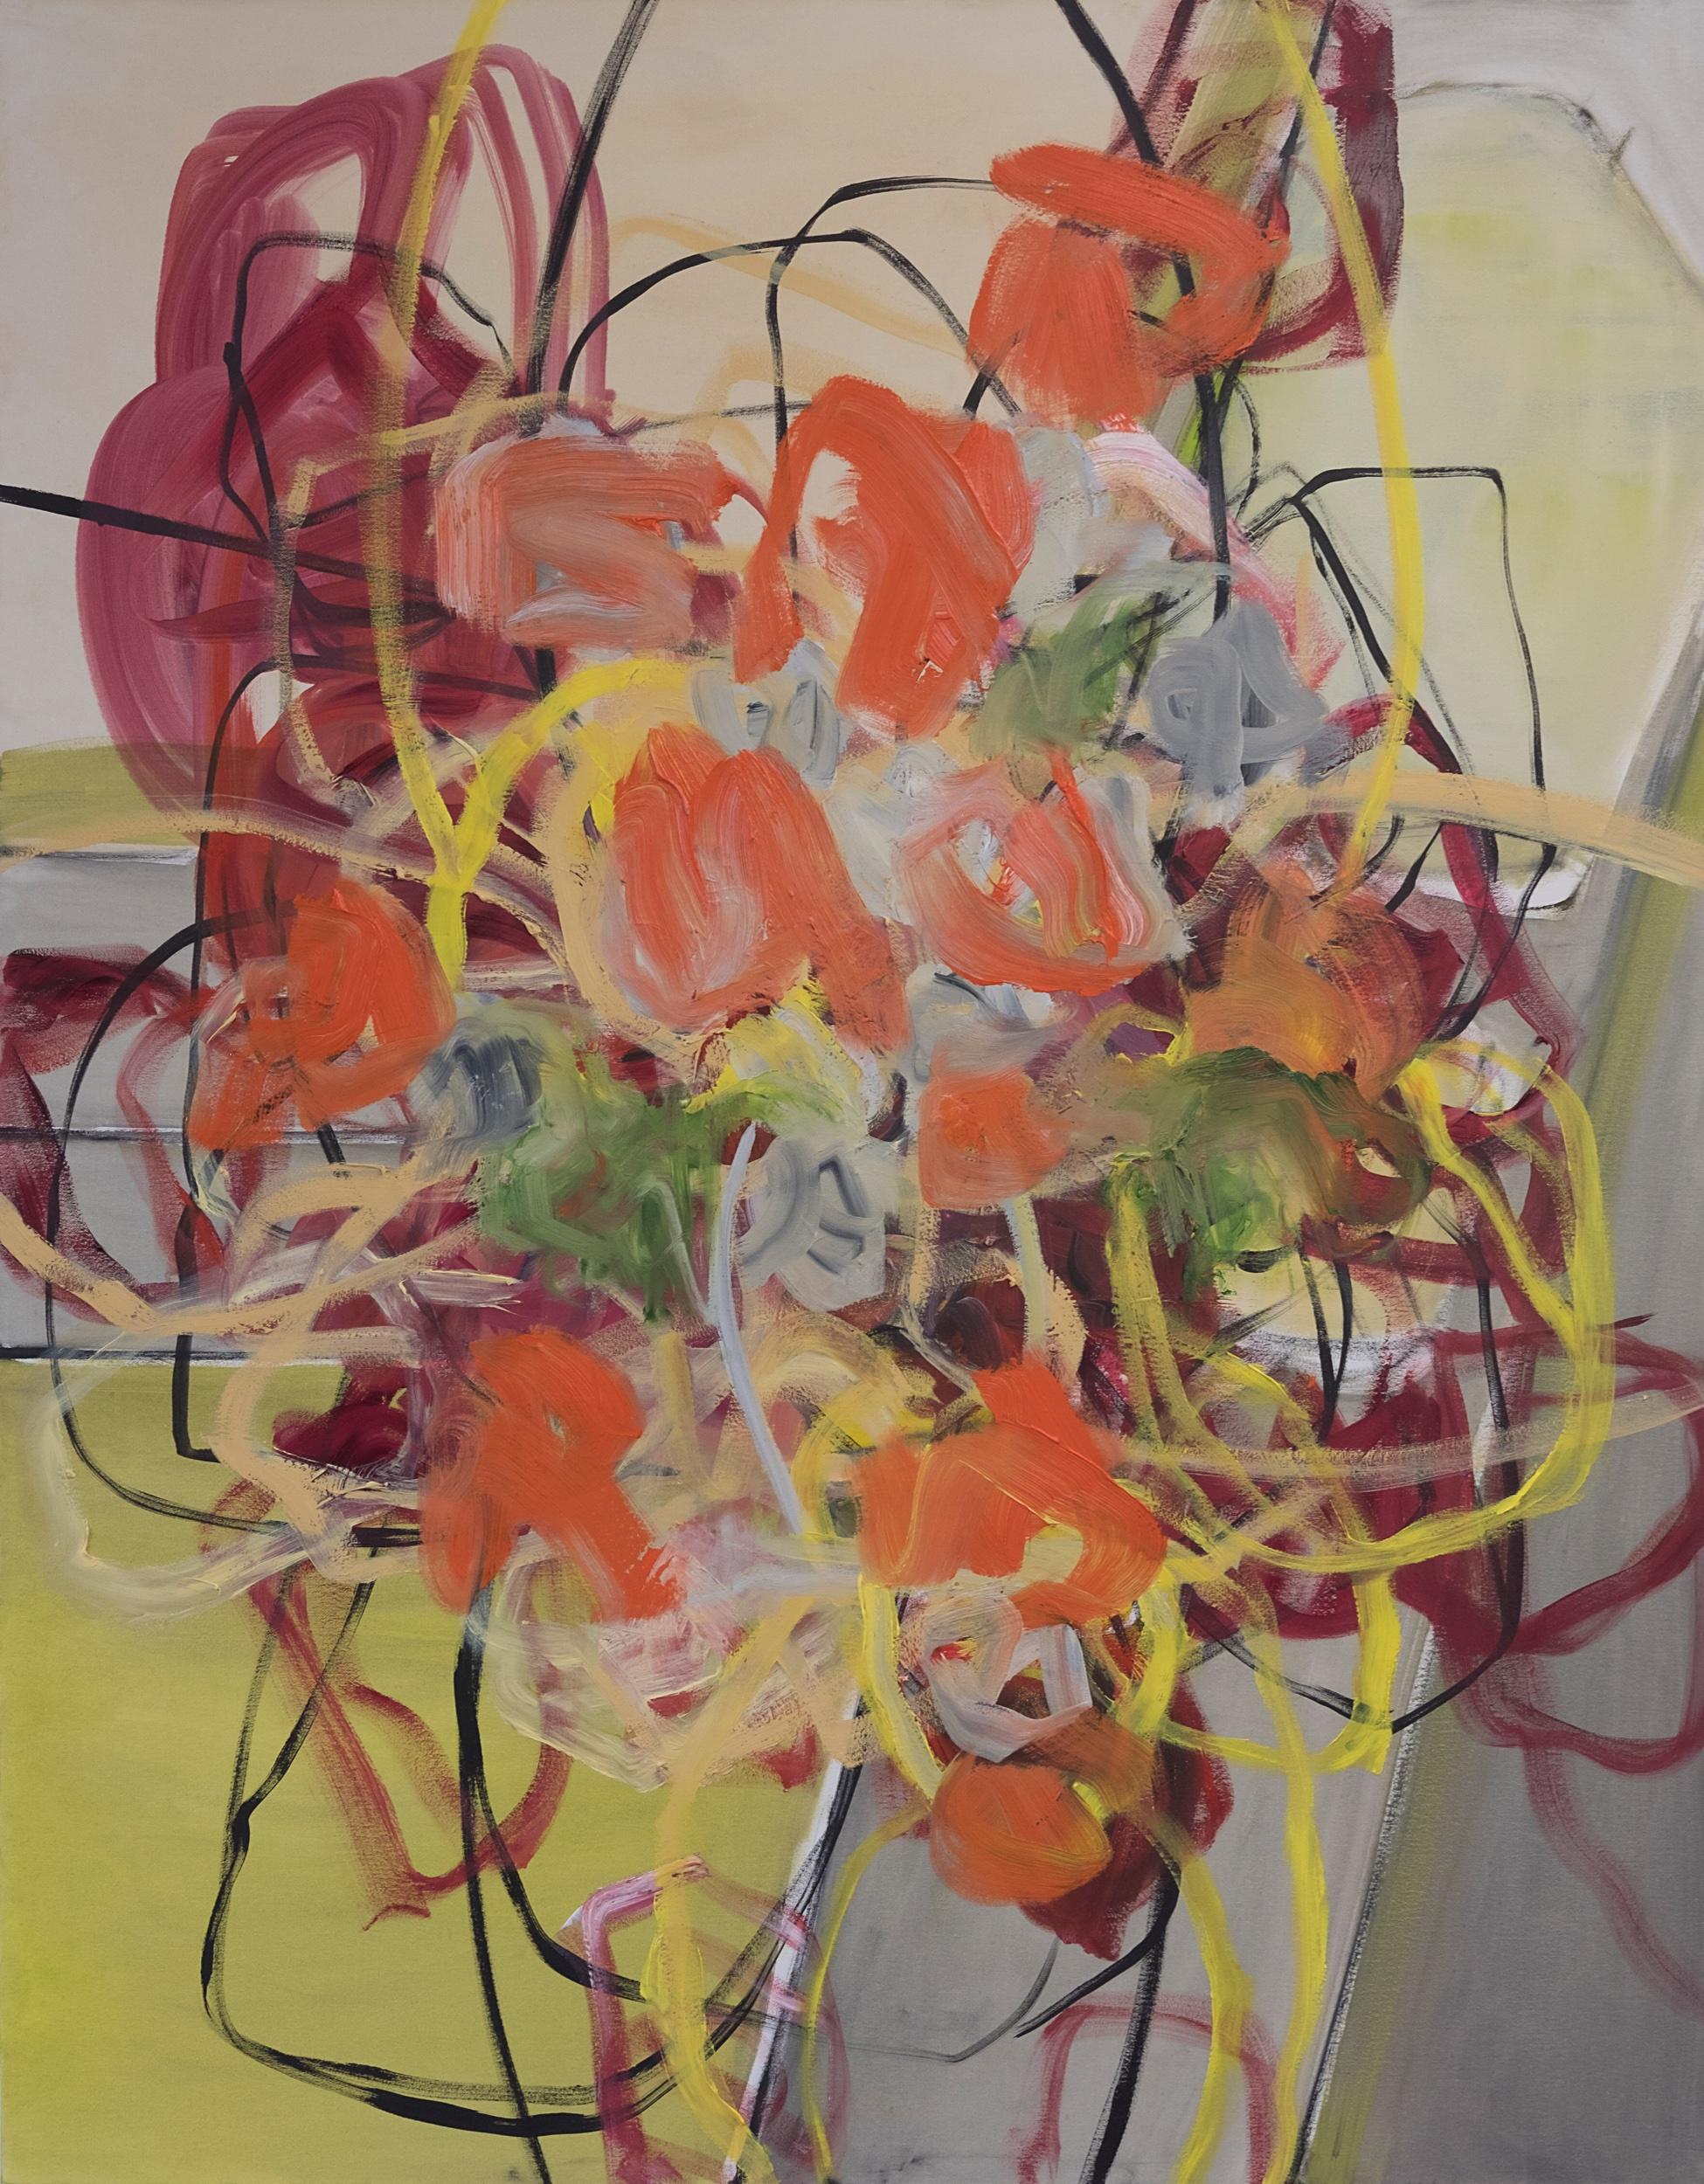 Sideways, 2018. Oil on canvas, 100 x 80 cm.